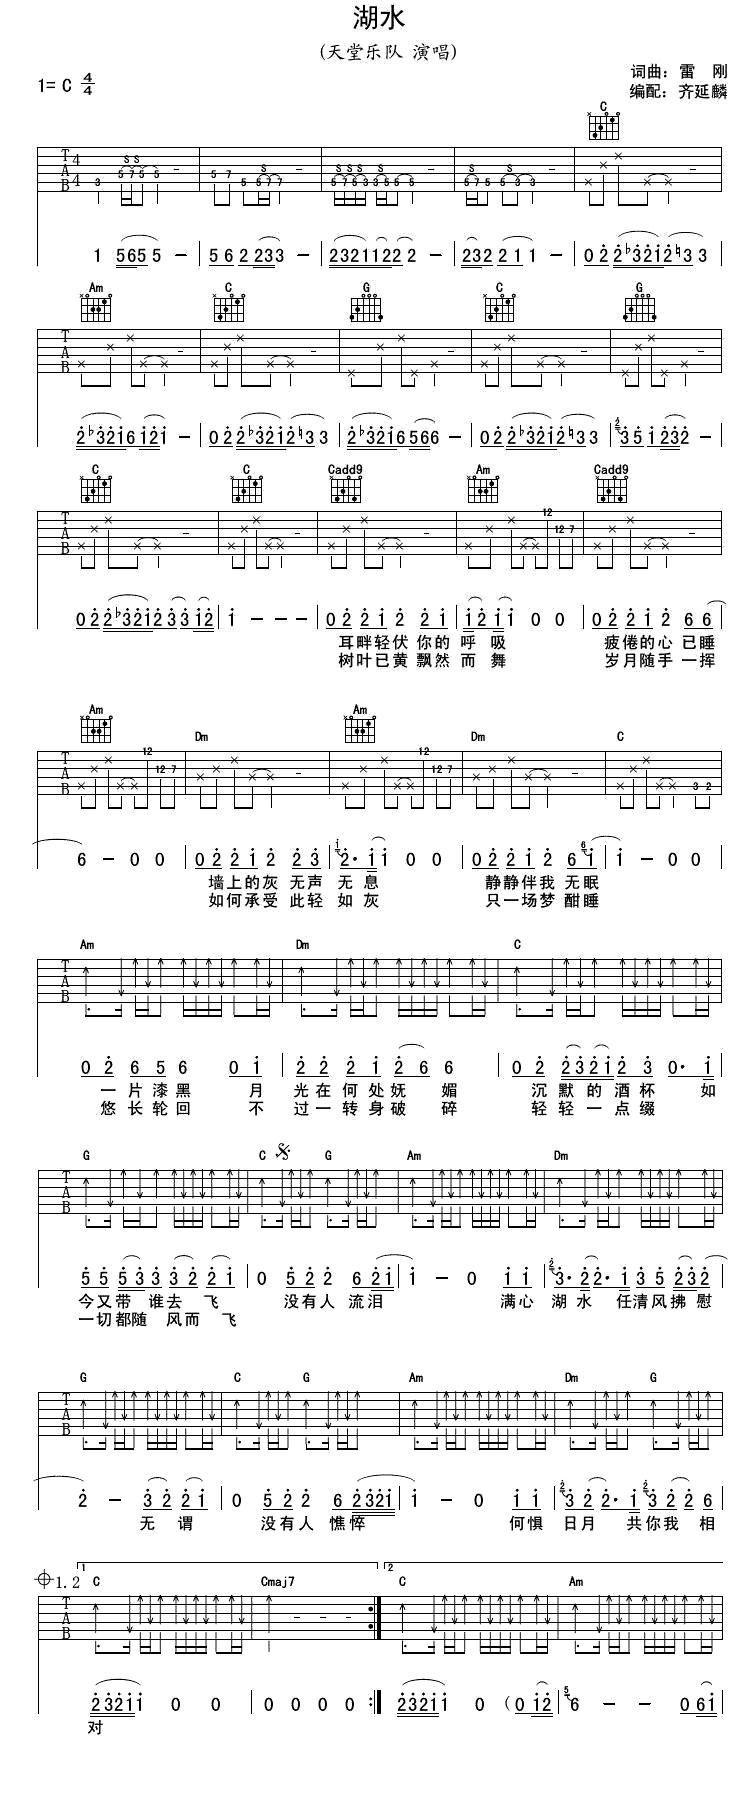 湖水(雷刚词 雷刚曲)_吉他谱